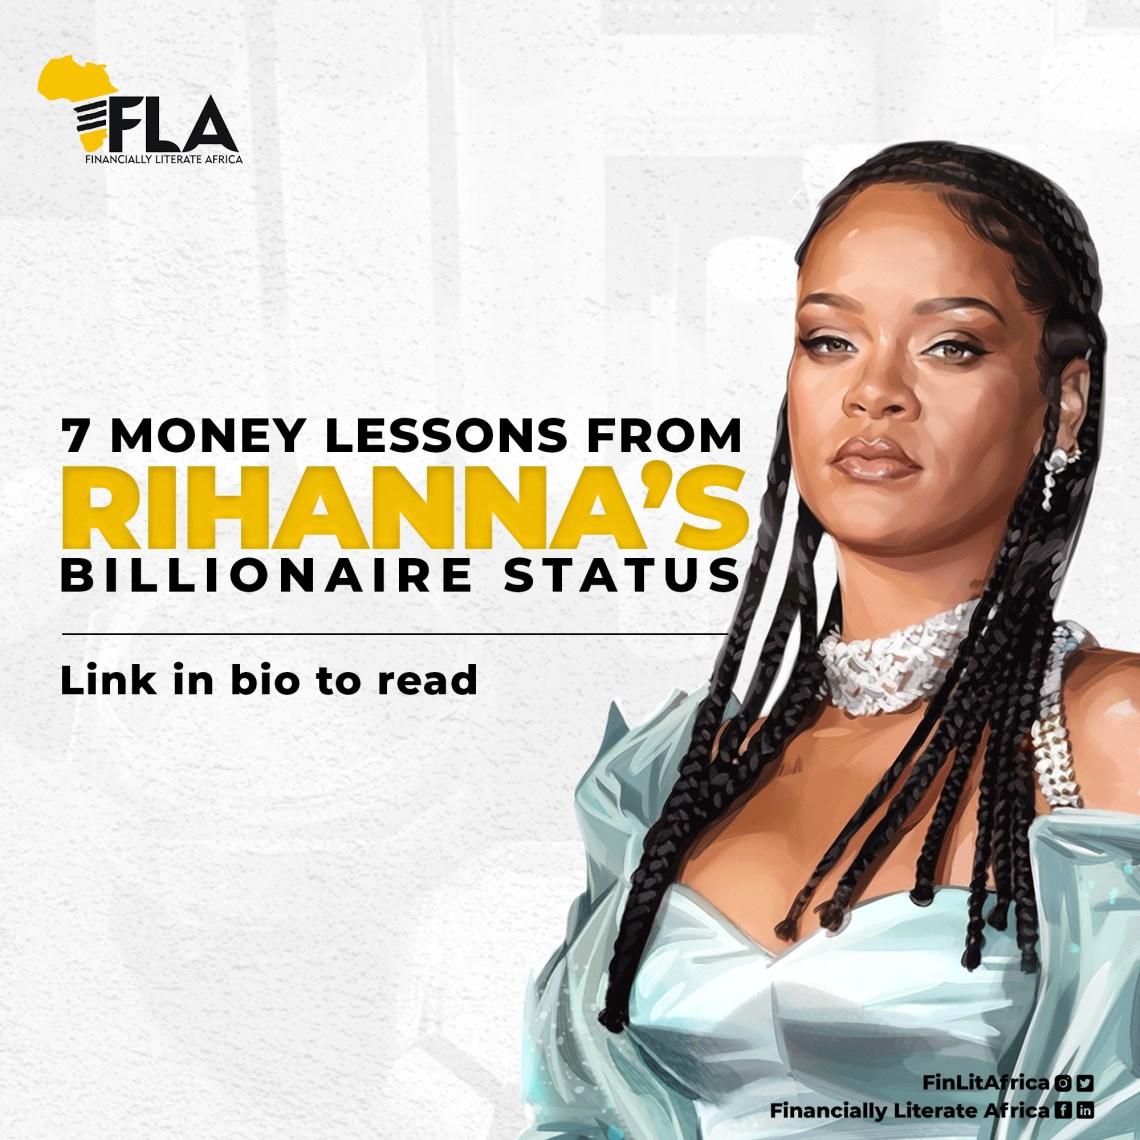 Rihanna's Billionaire Status